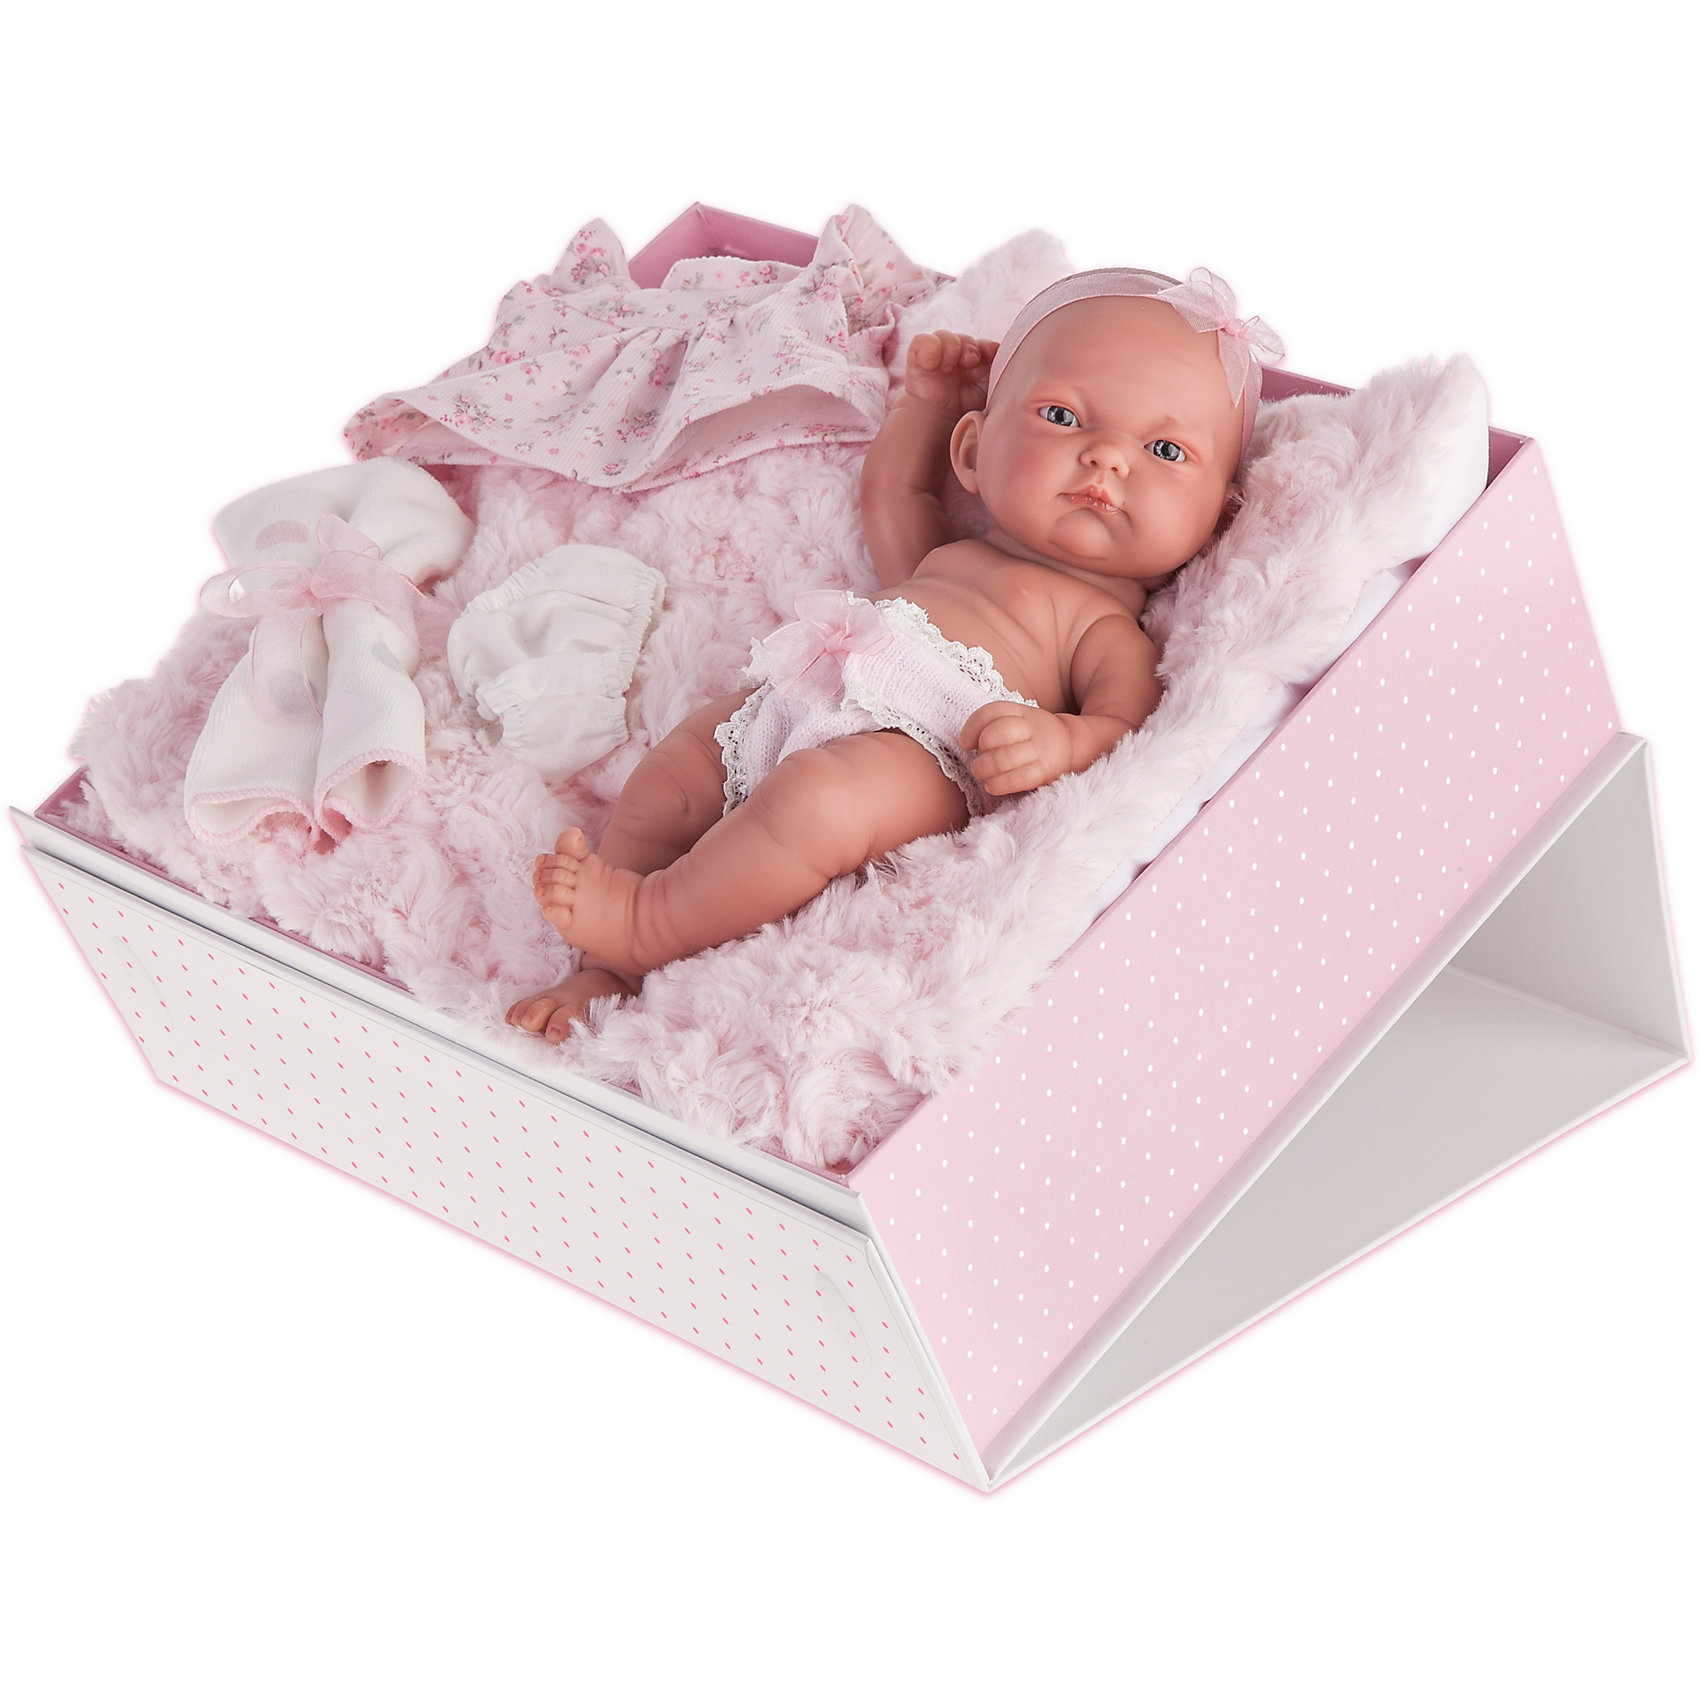 Кукла-младенец Карла в чемодане, розовый, 26 см, Munecas Antonio JuanКлассические куклы<br>Кукла-младенец Карла в чемодане, розовый, 26 см, Munecas Antonio Juan (Мунекас от Антонио Хуан) ? этот малышка от всемирно известного испанского бренда Мунекас от Антонио Хуан, который знаменит своими реалистичными куклами. Кукла полностью изготовлена из винила высшего качества. Ручки и ножки подвижны, голова поворачивается в стороны, глазки не закрываются. <br>Карла полностью имитирует новорожденного ребенка. Ее серьезный сосредоточенный взгляд, чуть надутые губки и ручки, зажатые в кулачки, не оставят равнодушными ни одну девочку.<br>Кукла-младенец Карла в чемодане, розовый, 26 см, Munecas Antonio Juan (Мунекас от Антонио Хуан) разработана с учетом анатомических особенностей и мимики младенцев. Играя с куклой, ваш ребенок реалистично проживает роль «мамы», учится ухаживать за малышом, заботиться о нем.<br>В комплекте с Карлой имеется приданное для новорожденного: нежное розовое платьице, белые трусики, мягкая пеленочка и мягкая подушка. Особое удовольствие вашей дочери доставит купание Карлы в воде.<br>Куклы JUAN ANTONIO munecas (Мунекас от Антонио Хуан) Кукла-младенец Карла в чемодане, розовый, 26 см, Munecas Antonio Juan (Мунекас от Антонио Хуан) мечта девочки любого возраста! <br>Кукла-младенец Карла в чемодане, розовый, 26 см, Munecas Antonio Juan (Мунекас от Антонио Хуан)   – идеальный подарочный вариант для девочки к любому празднику.<br>Дополнительная информация:<br><br>- Вид игр: сюжетно-ролевые игры <br>- Материал: винил<br>- Комплектация: пеленка, платьице и трусики, мягкая подушка <br>- Высота куклы: 26 см<br>- Вес: 8 кг 244 г<br>- Особенности ухода: одежда ? ручная стирка, куклу можно купать <br><br>Подробнее:<br><br>• Для детей в возрасте: от 3 лет и до 6 лет<br>• Страна производитель: Испания<br>• Торговый бренд: JUAN ANTONIO munecas <br><br>Кукла-младенец Карла в конверте, розовый, 26 см, Munecas Antonio Juan (Мунекас от Антонио Хуан) можно купить в нашем инте